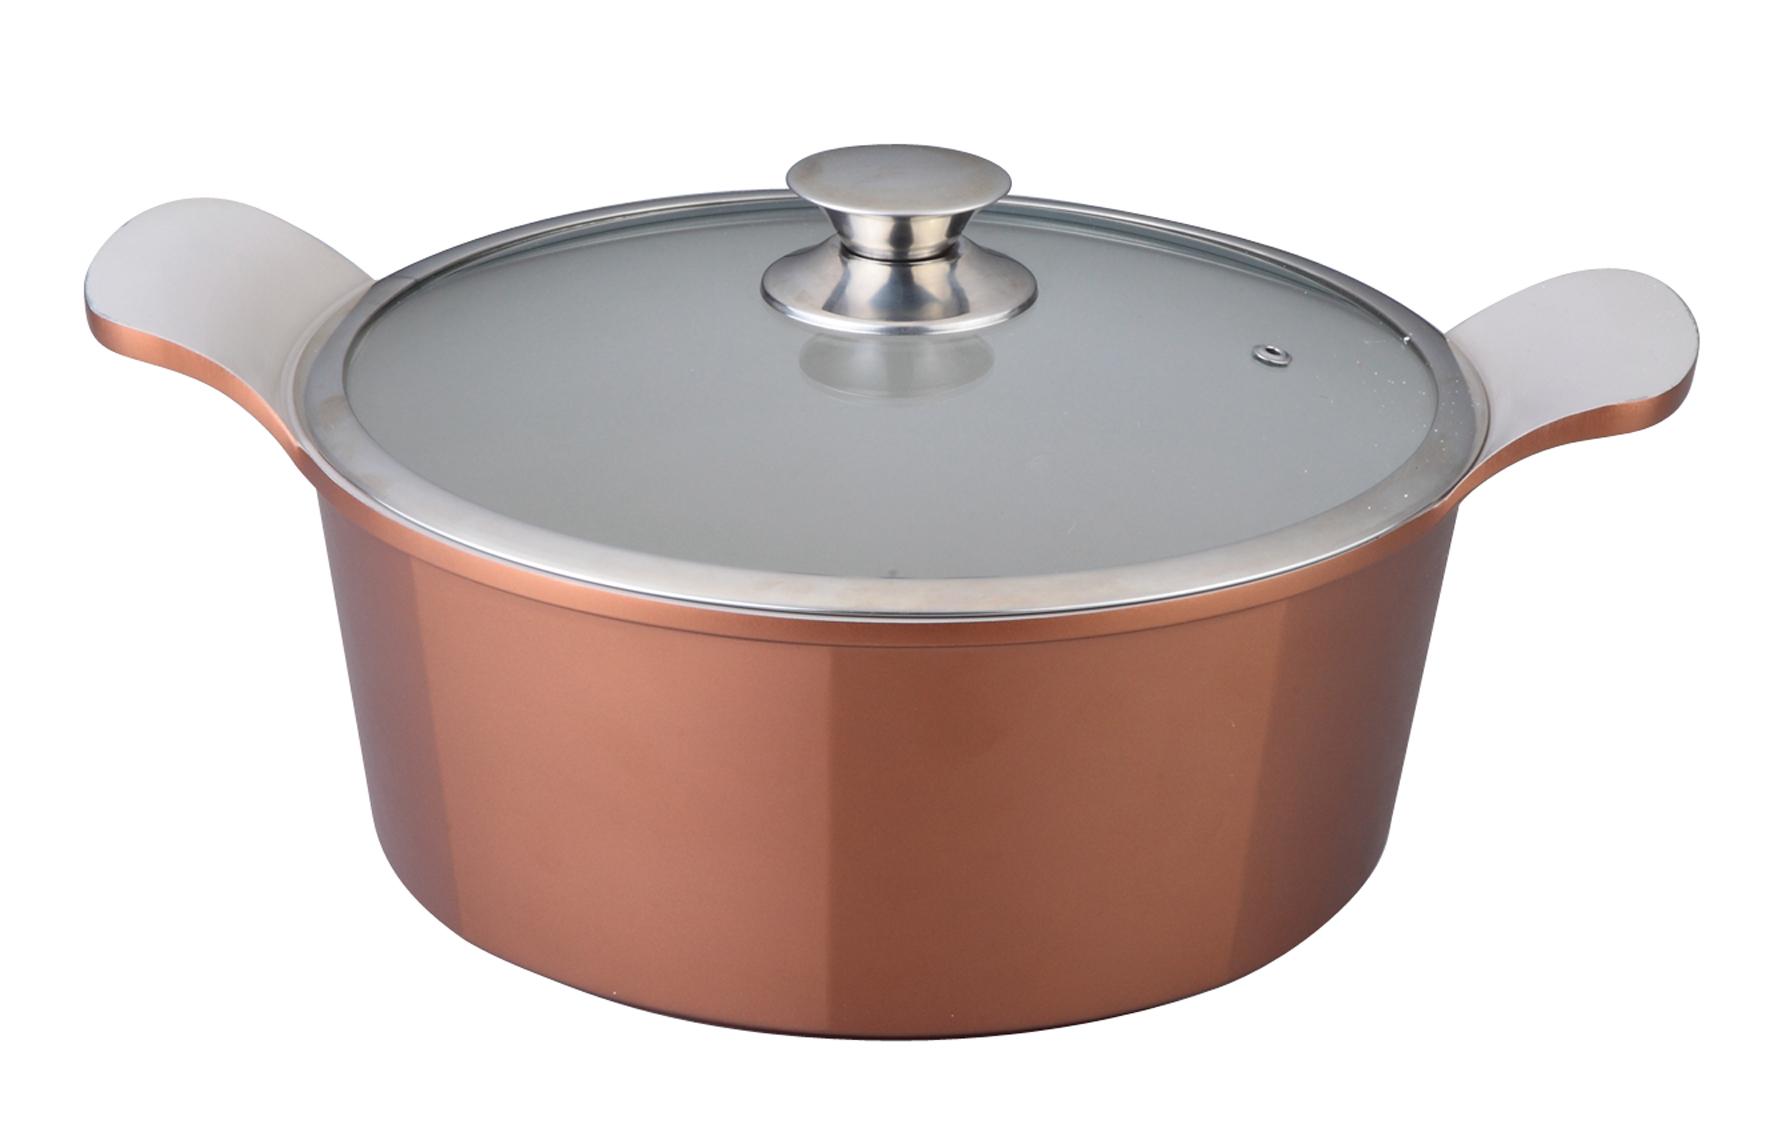 Кастрюля Winner с крышкой, 2,4 л. WR-1408WR-1408Кастрюля Winner выполнена из высококачественного литого алюминия с антипригарным керамическим нанопокрытием Ilag. Посуда с нанопокрытием обладает высокой прочностью, жаро-, износо-, коррозийной стойкостью, химической инертностью. При нагревании до высоких температур не выделяет и не впитывает в себя вредных для человека химических соединений. Нанопокрытие гарантирует быстрый и равномерный нагрев посуды и существенную экономию электроэнергии. Данная технология позволяет исключить деформацию корпуса при частом и длительном использовании посуды. Кастрюля имеет внешнее цветное жаропрочное силиконовое покрытие. Крышка, выполненная из термостойкого стекла, позволит вам следить за процессом приготовления пищи. Крышка плотно прилегает к краю кастрюли, предотвращая проливание жидкости и сохраняя аромат блюд. Изделие подходит для использования на всех типах плит, включая индукционные. Можно мыть в посудомоечной машине. Это идеальный подарок для современных...